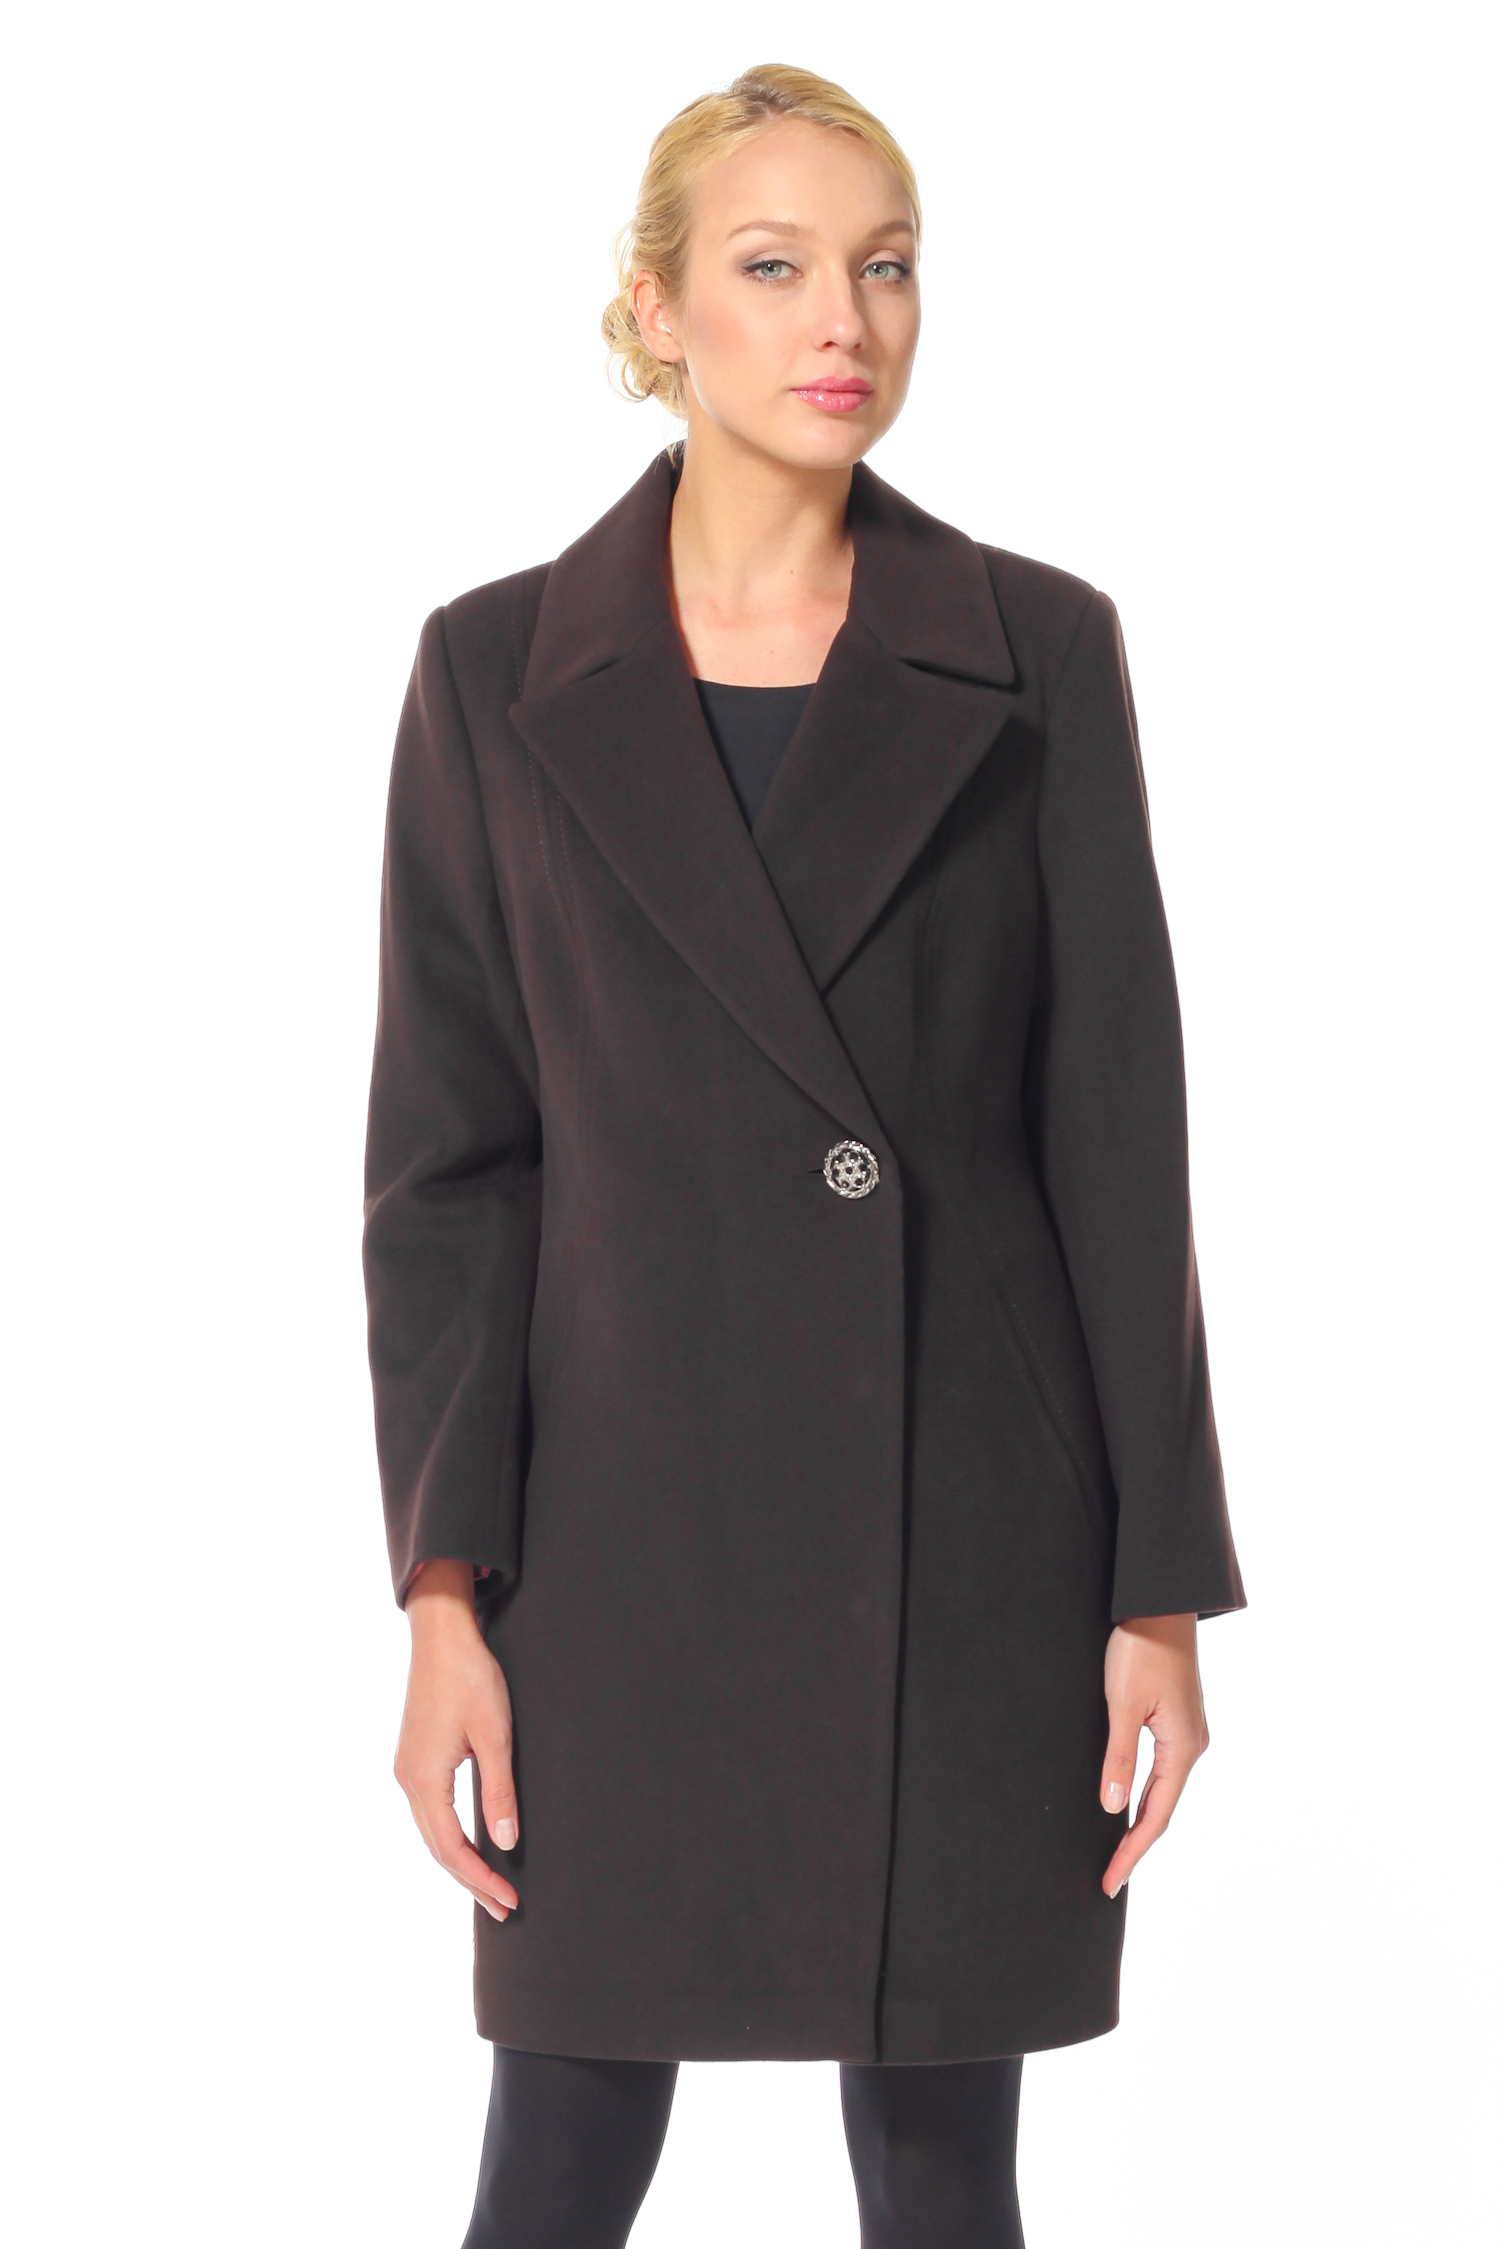 Женское пальто с воротником, без отделки<br><br>Воротник: Английский<br>Длина см: 90<br>Материал: 55% шерсть 45% полиамид<br>Цвет: Темно-коричневый<br>Пол: Женский